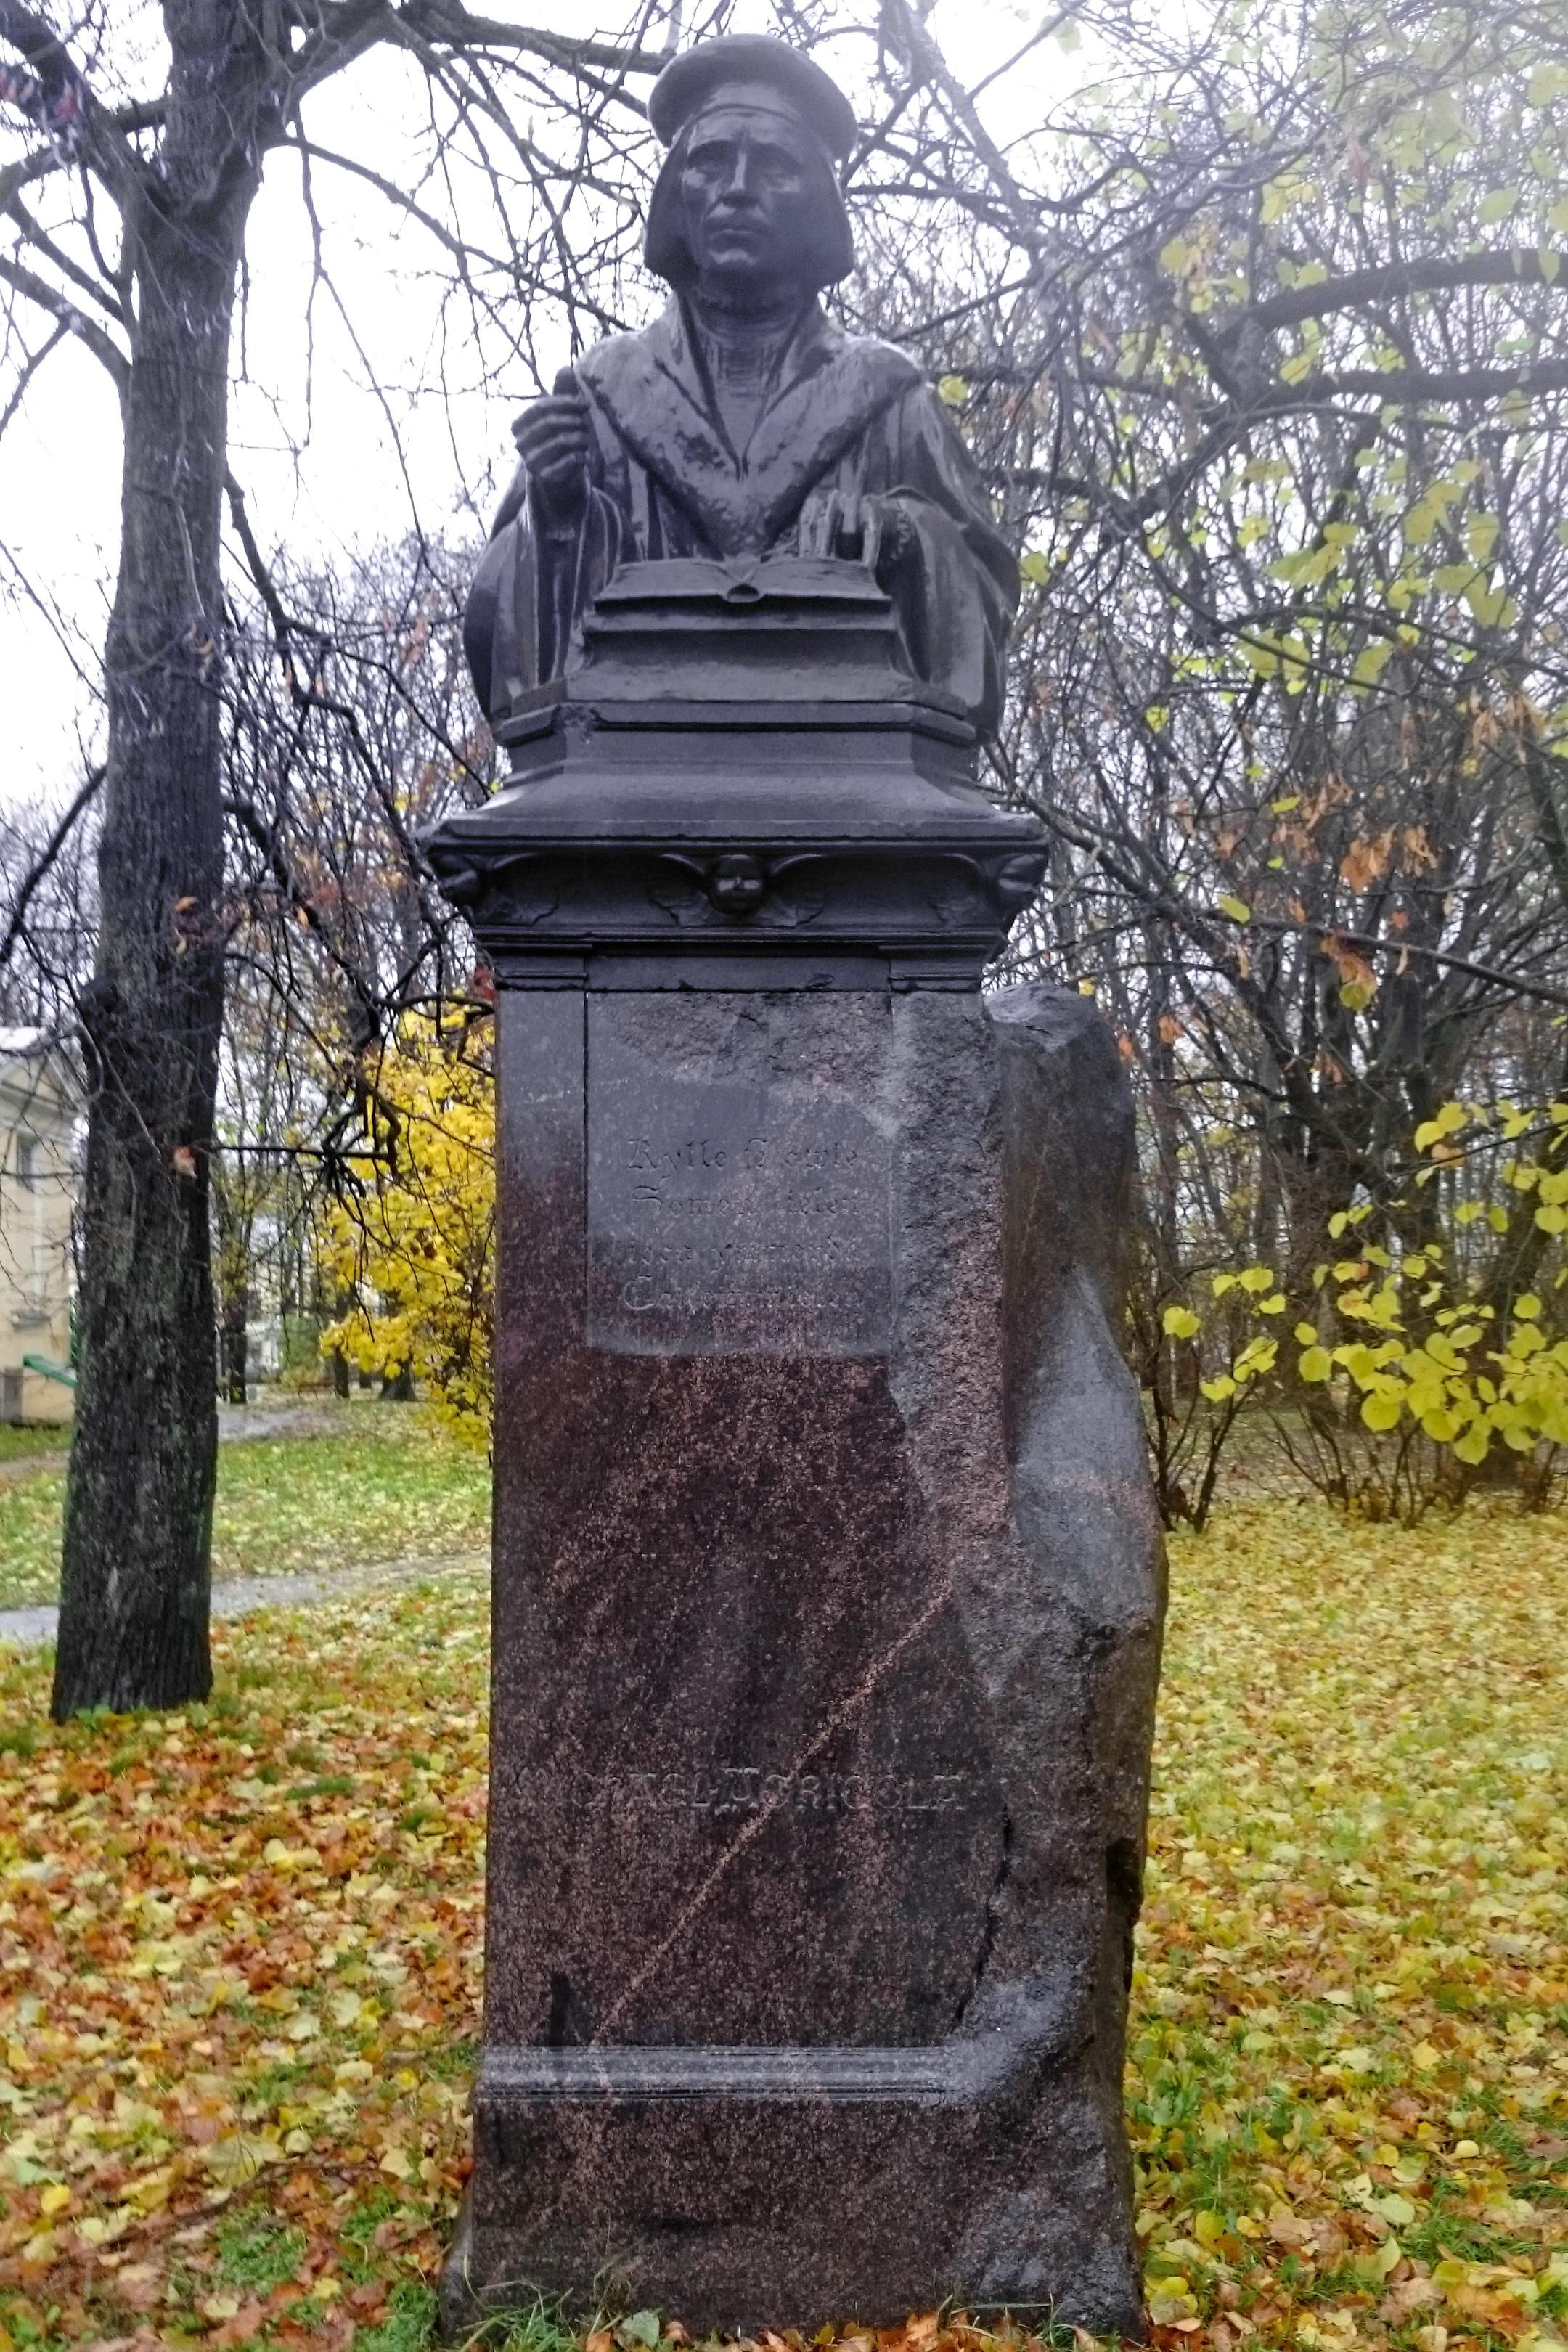 Памятник Микаэлю Агриколе, Лютеранский Собор Святых Петра и Павла, Выборг, 28.10.2016